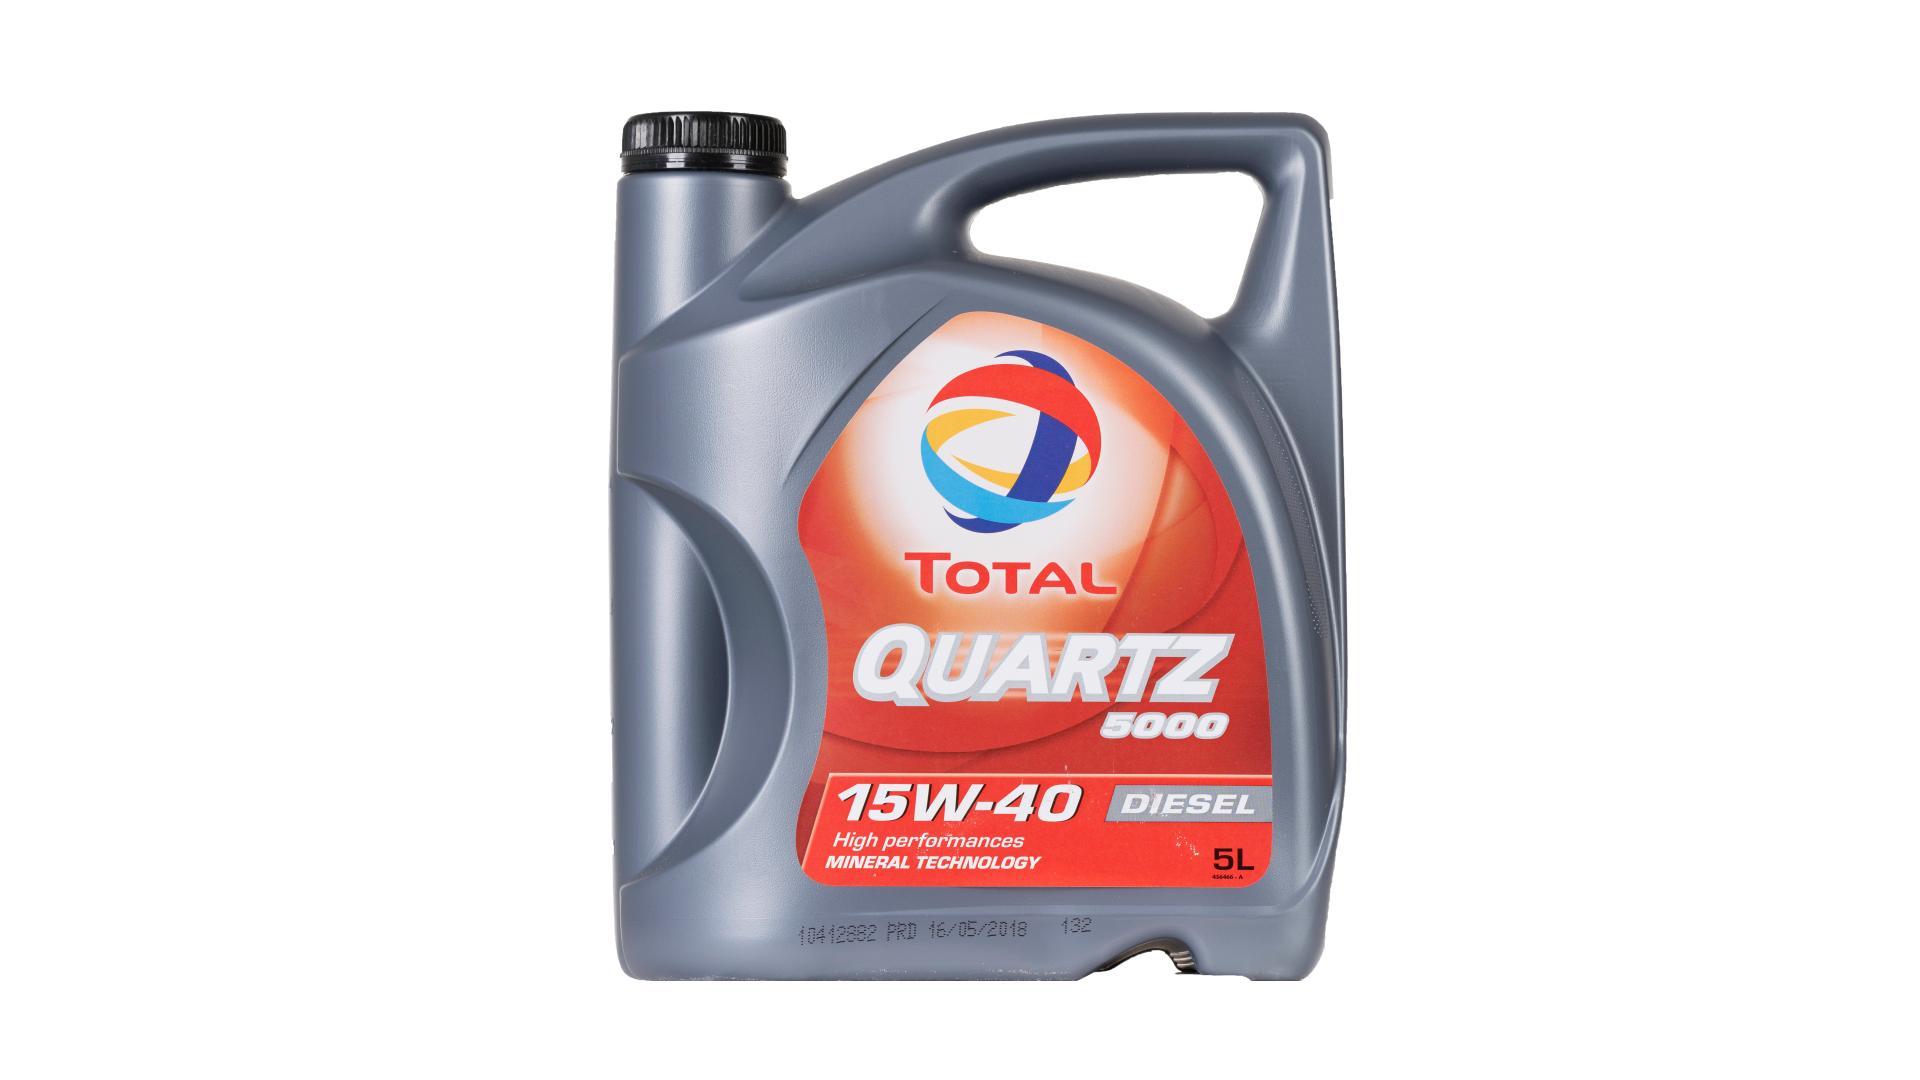 Total 15w-40 diesel 5000 5L (148644)